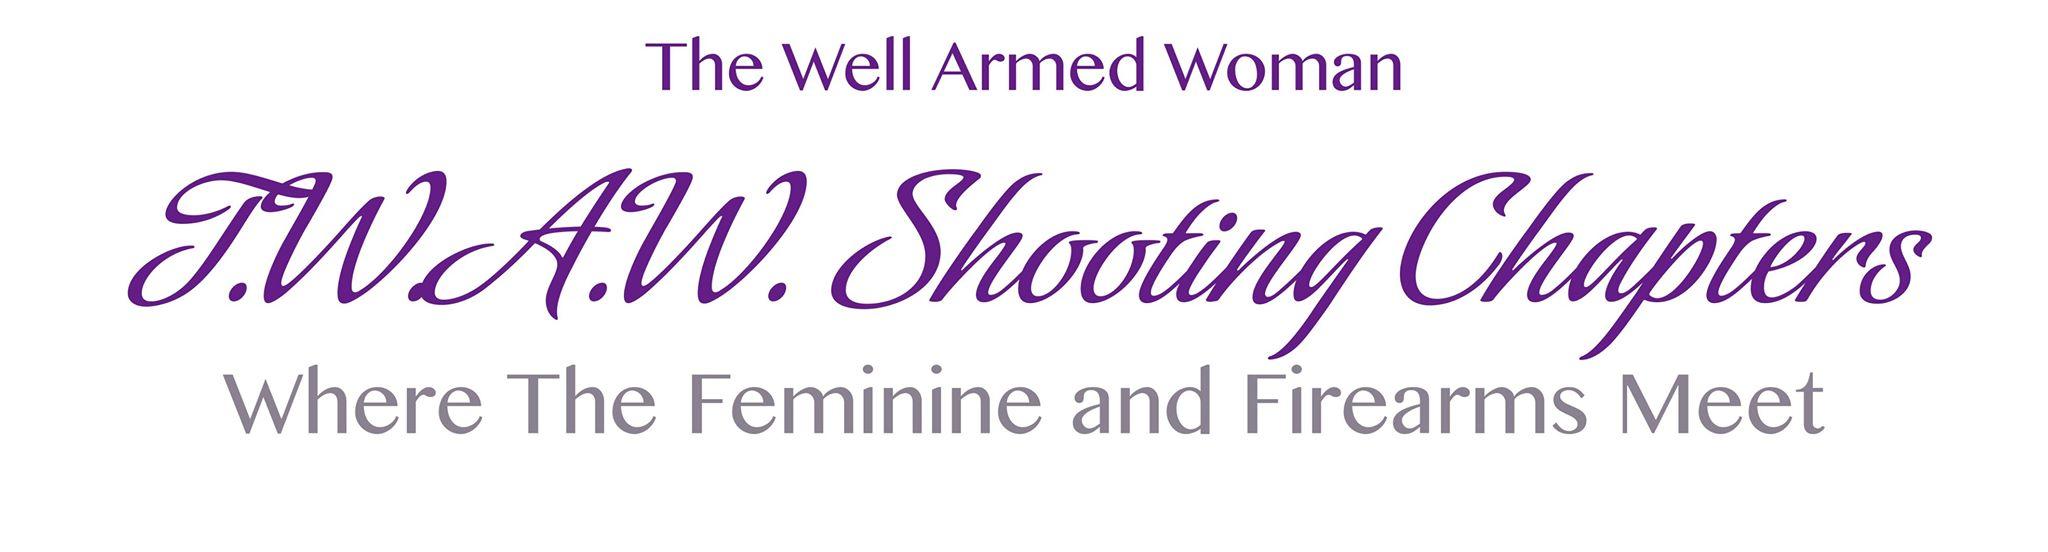 TWAW Shooting Chapters Logo2